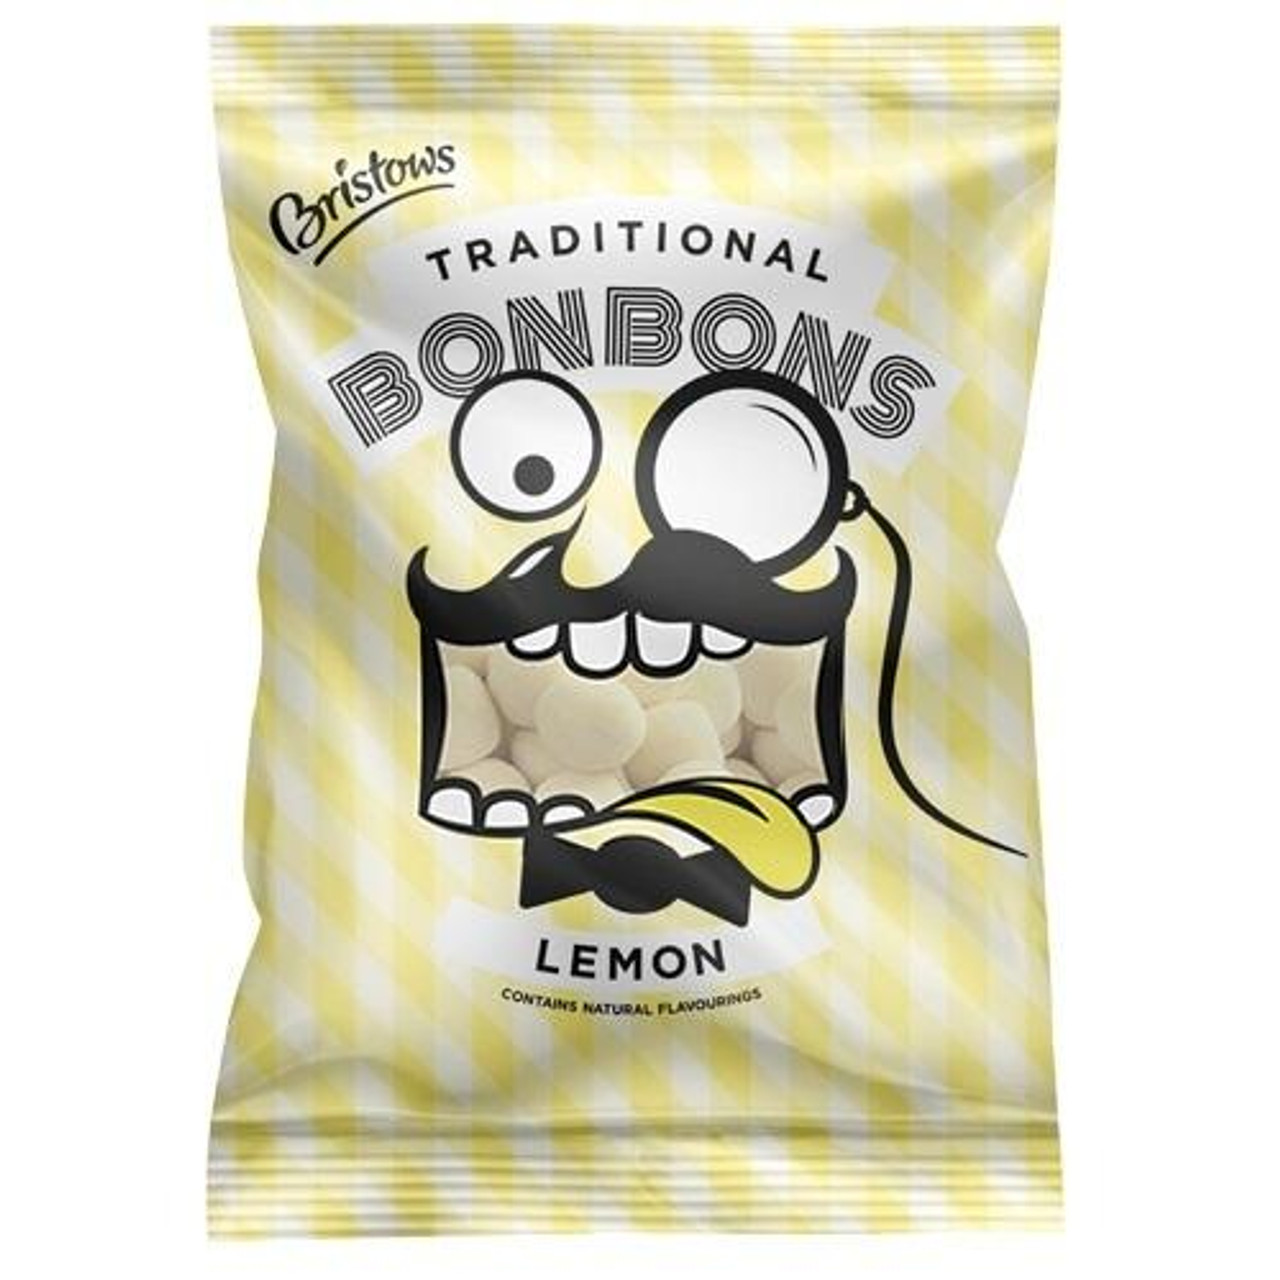 Bristows Traditional Bon Bons - Lemon, 150g